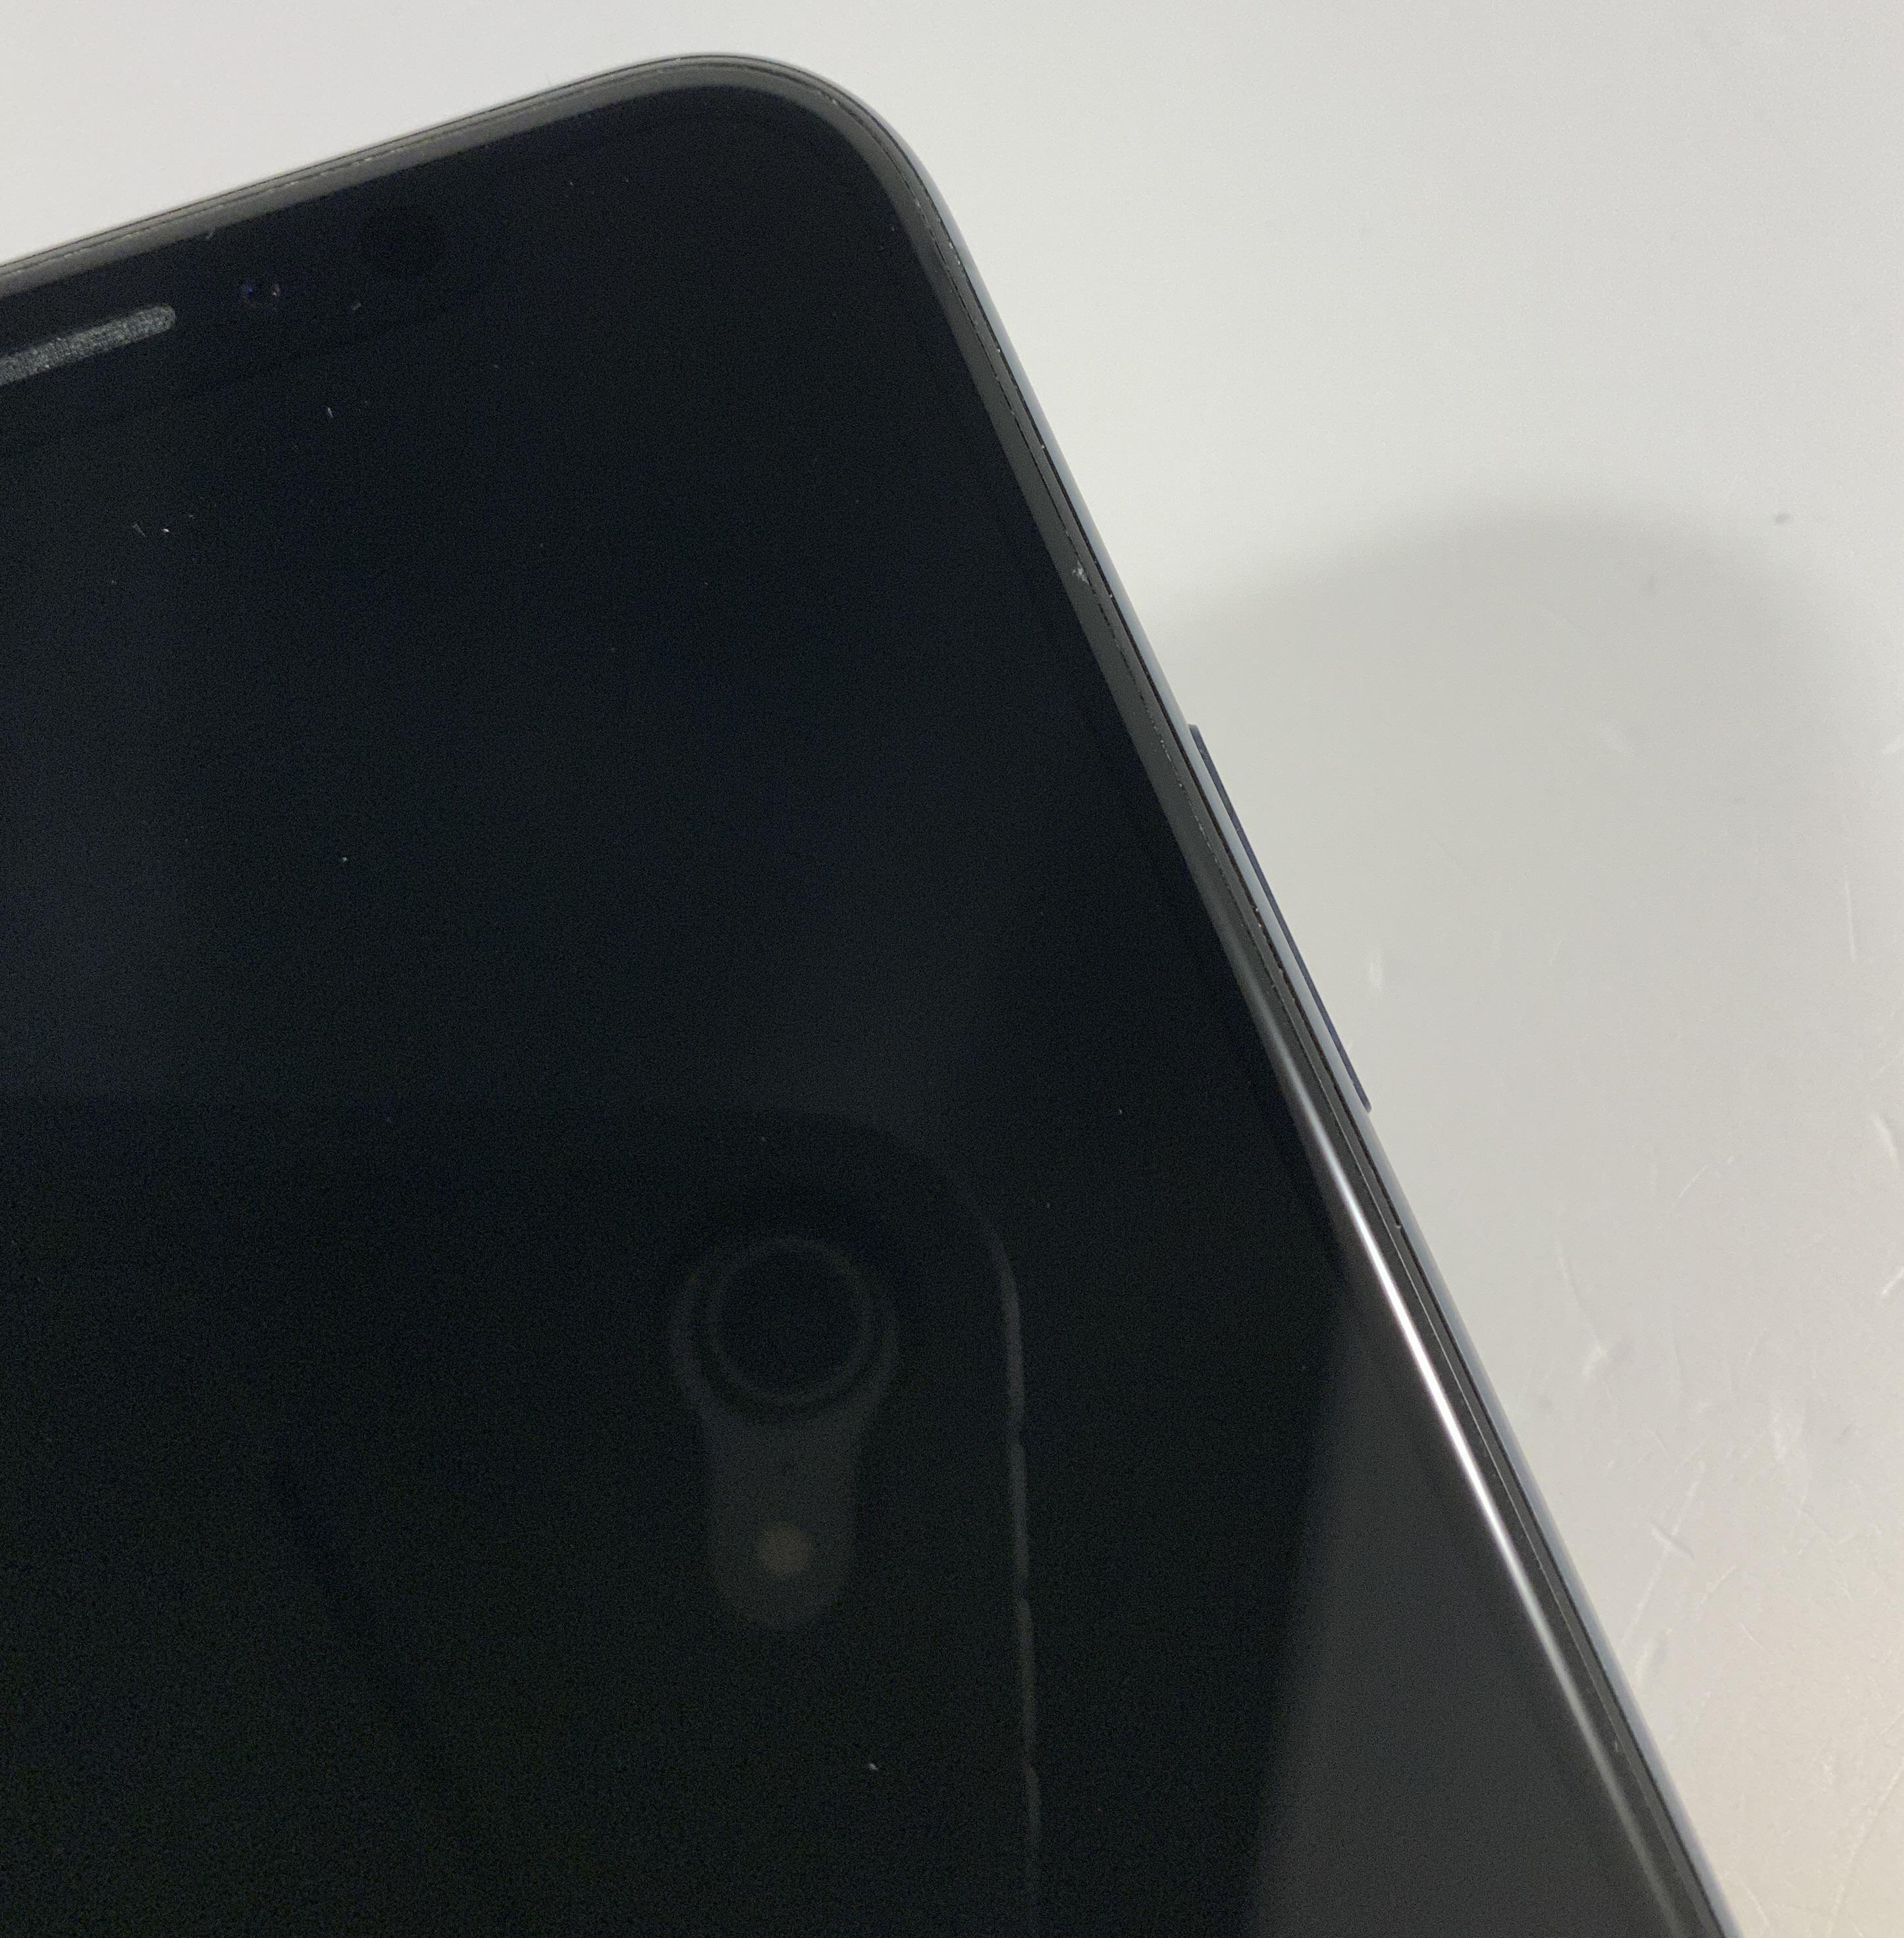 iPhone 11 Pro 64GB, 64GB, Midnight Green, Bild 3